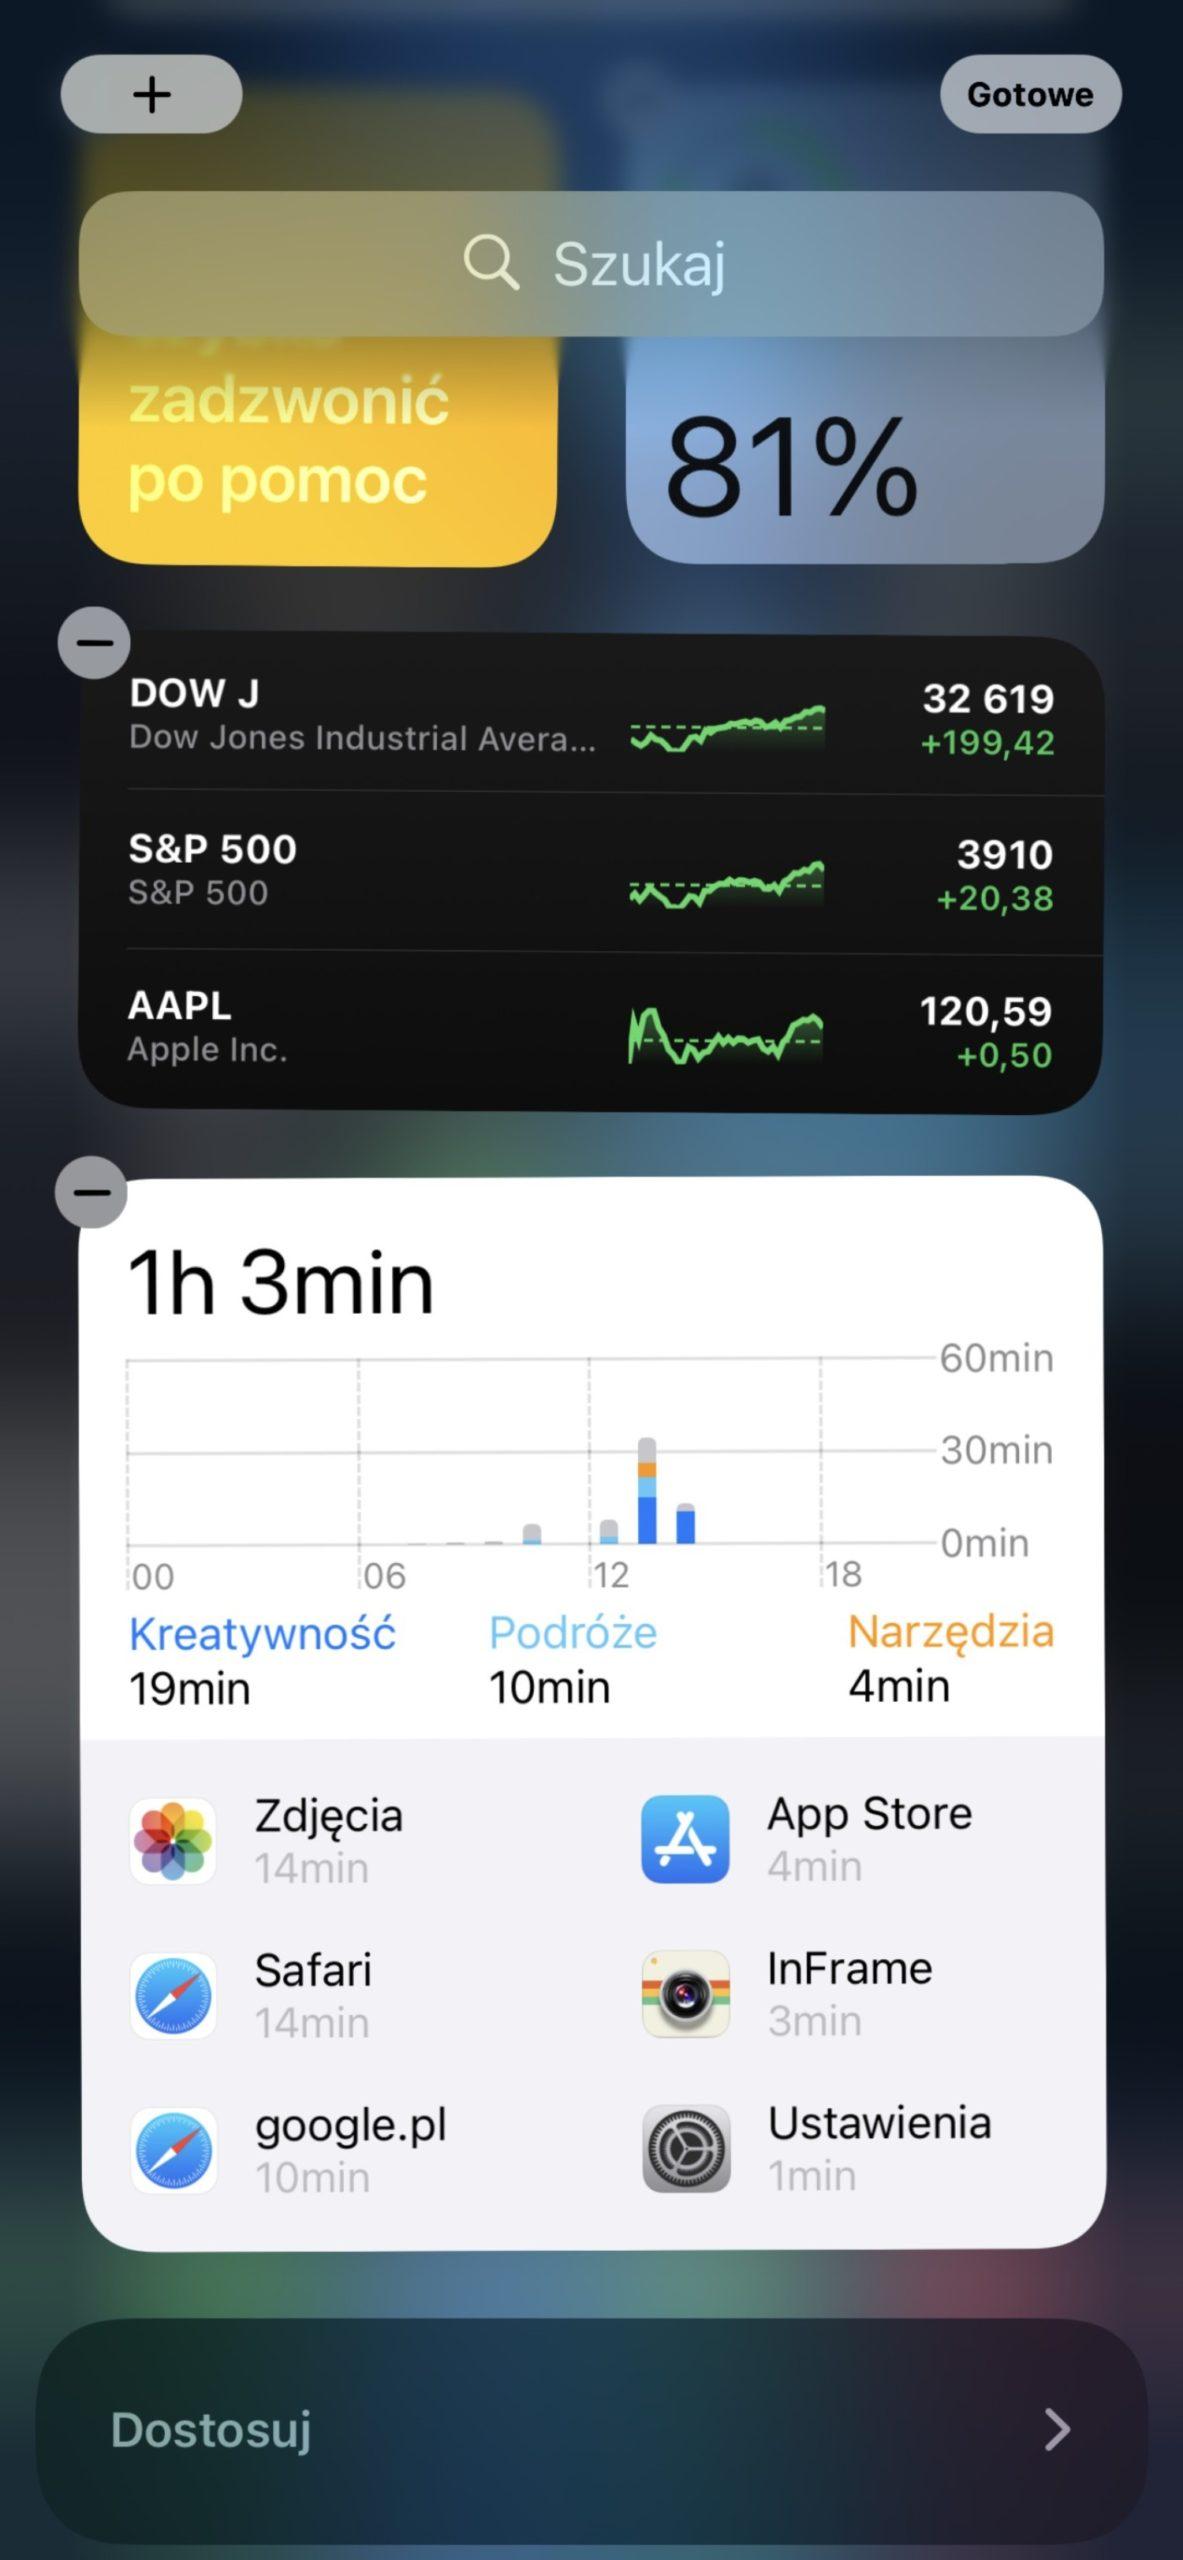 edycja-widzety-ios-apple-iphone-geex